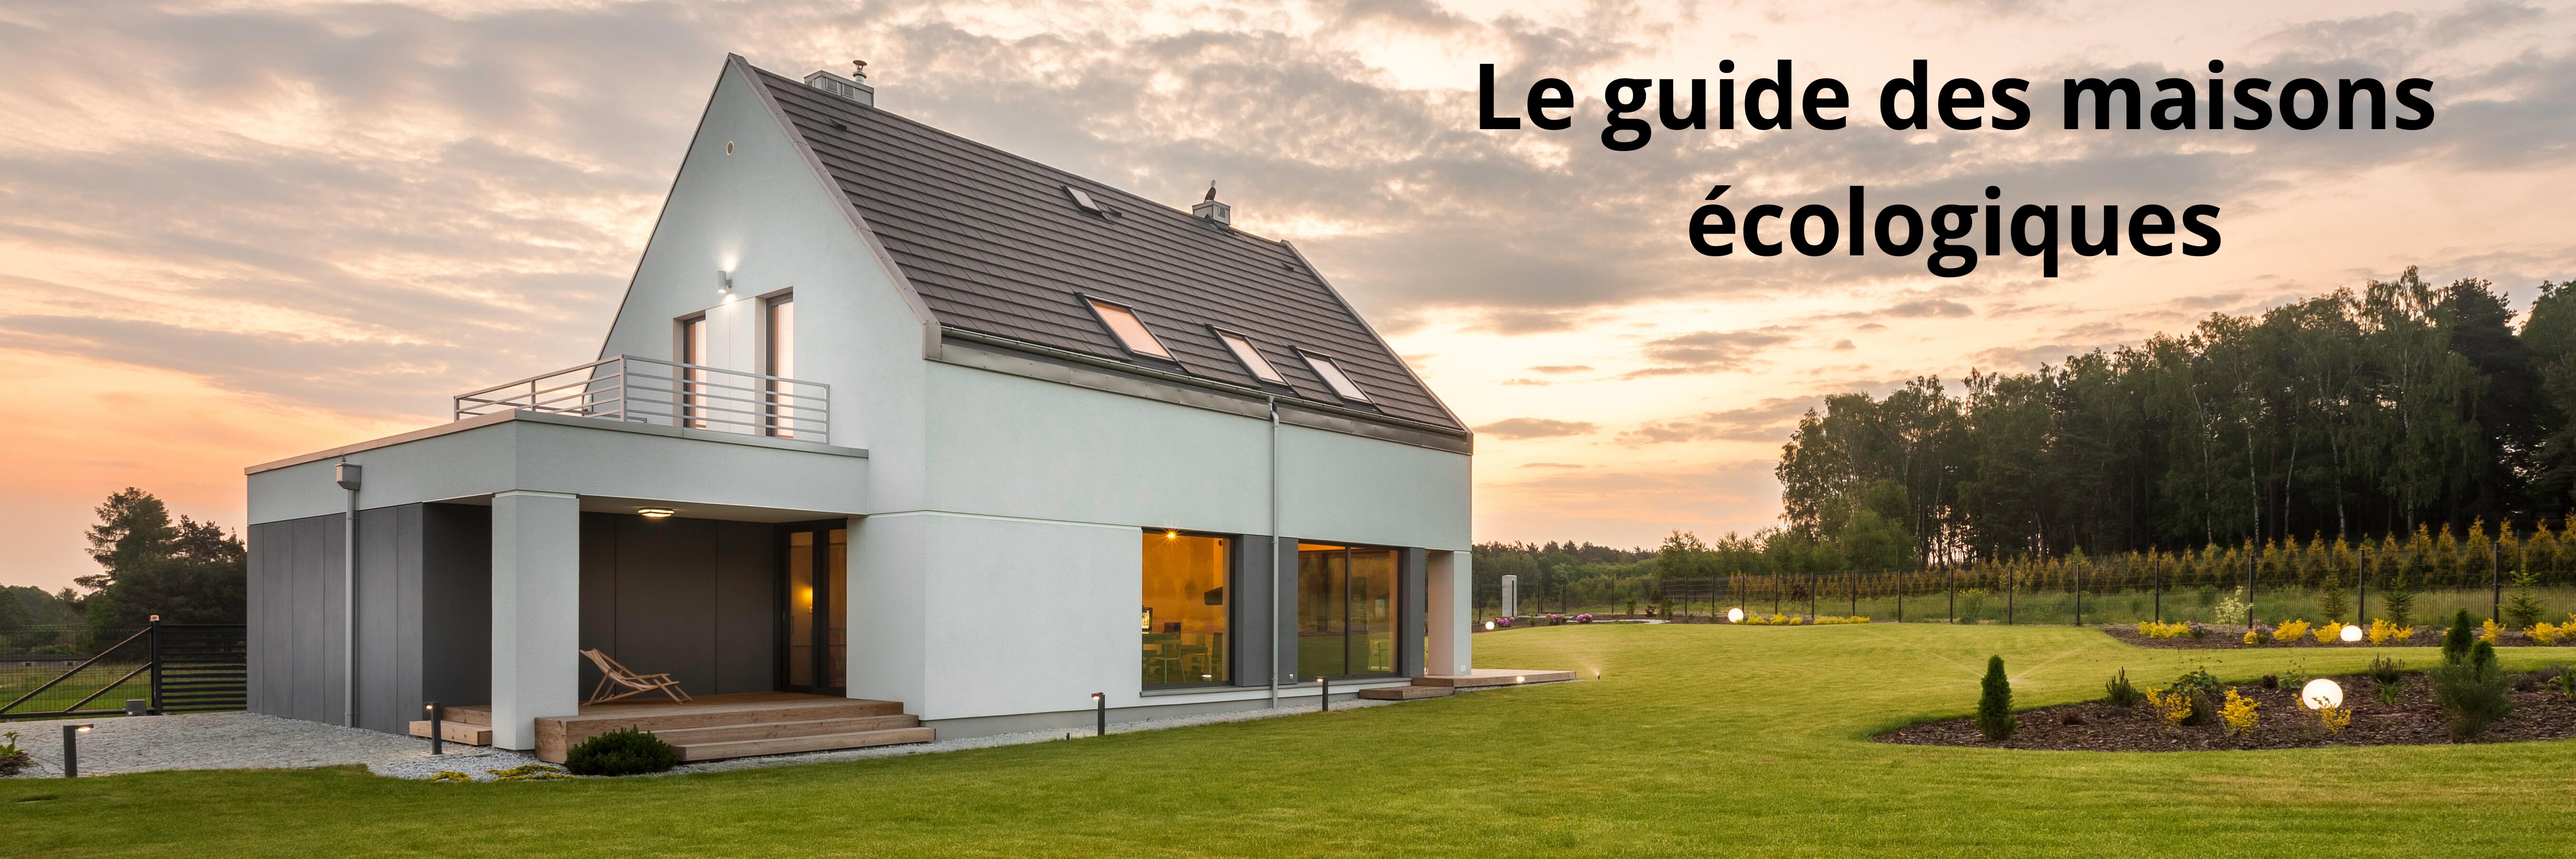 Le guide des maisons écologiques - Green Edifice